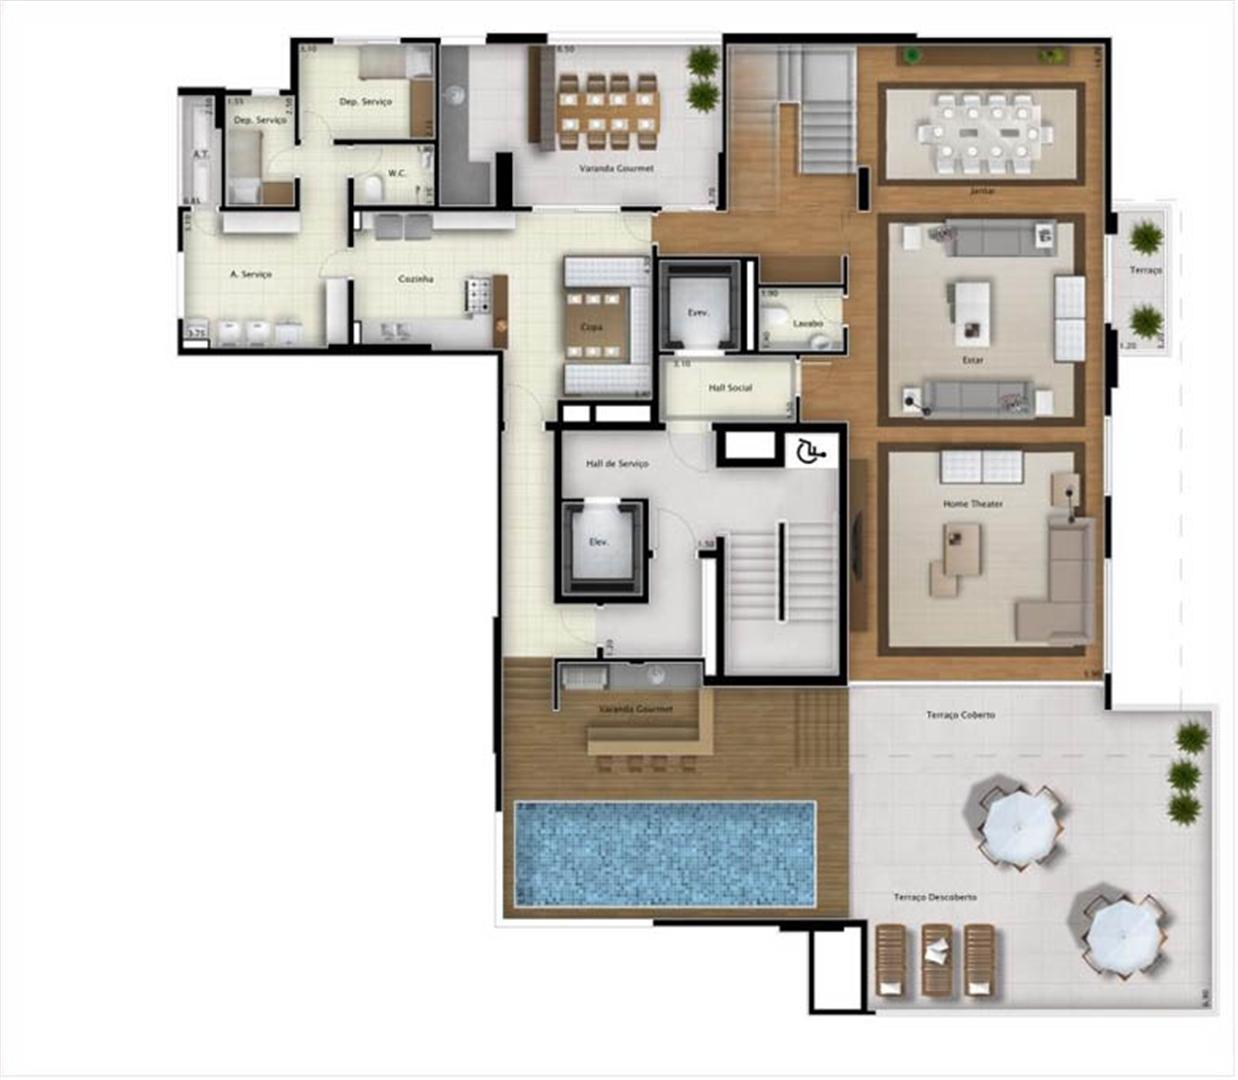 Cobertura Double View 551m² (pavimento inferior) | Mirage Bay – Apartamento em  Umarizal  - Belém - Pará